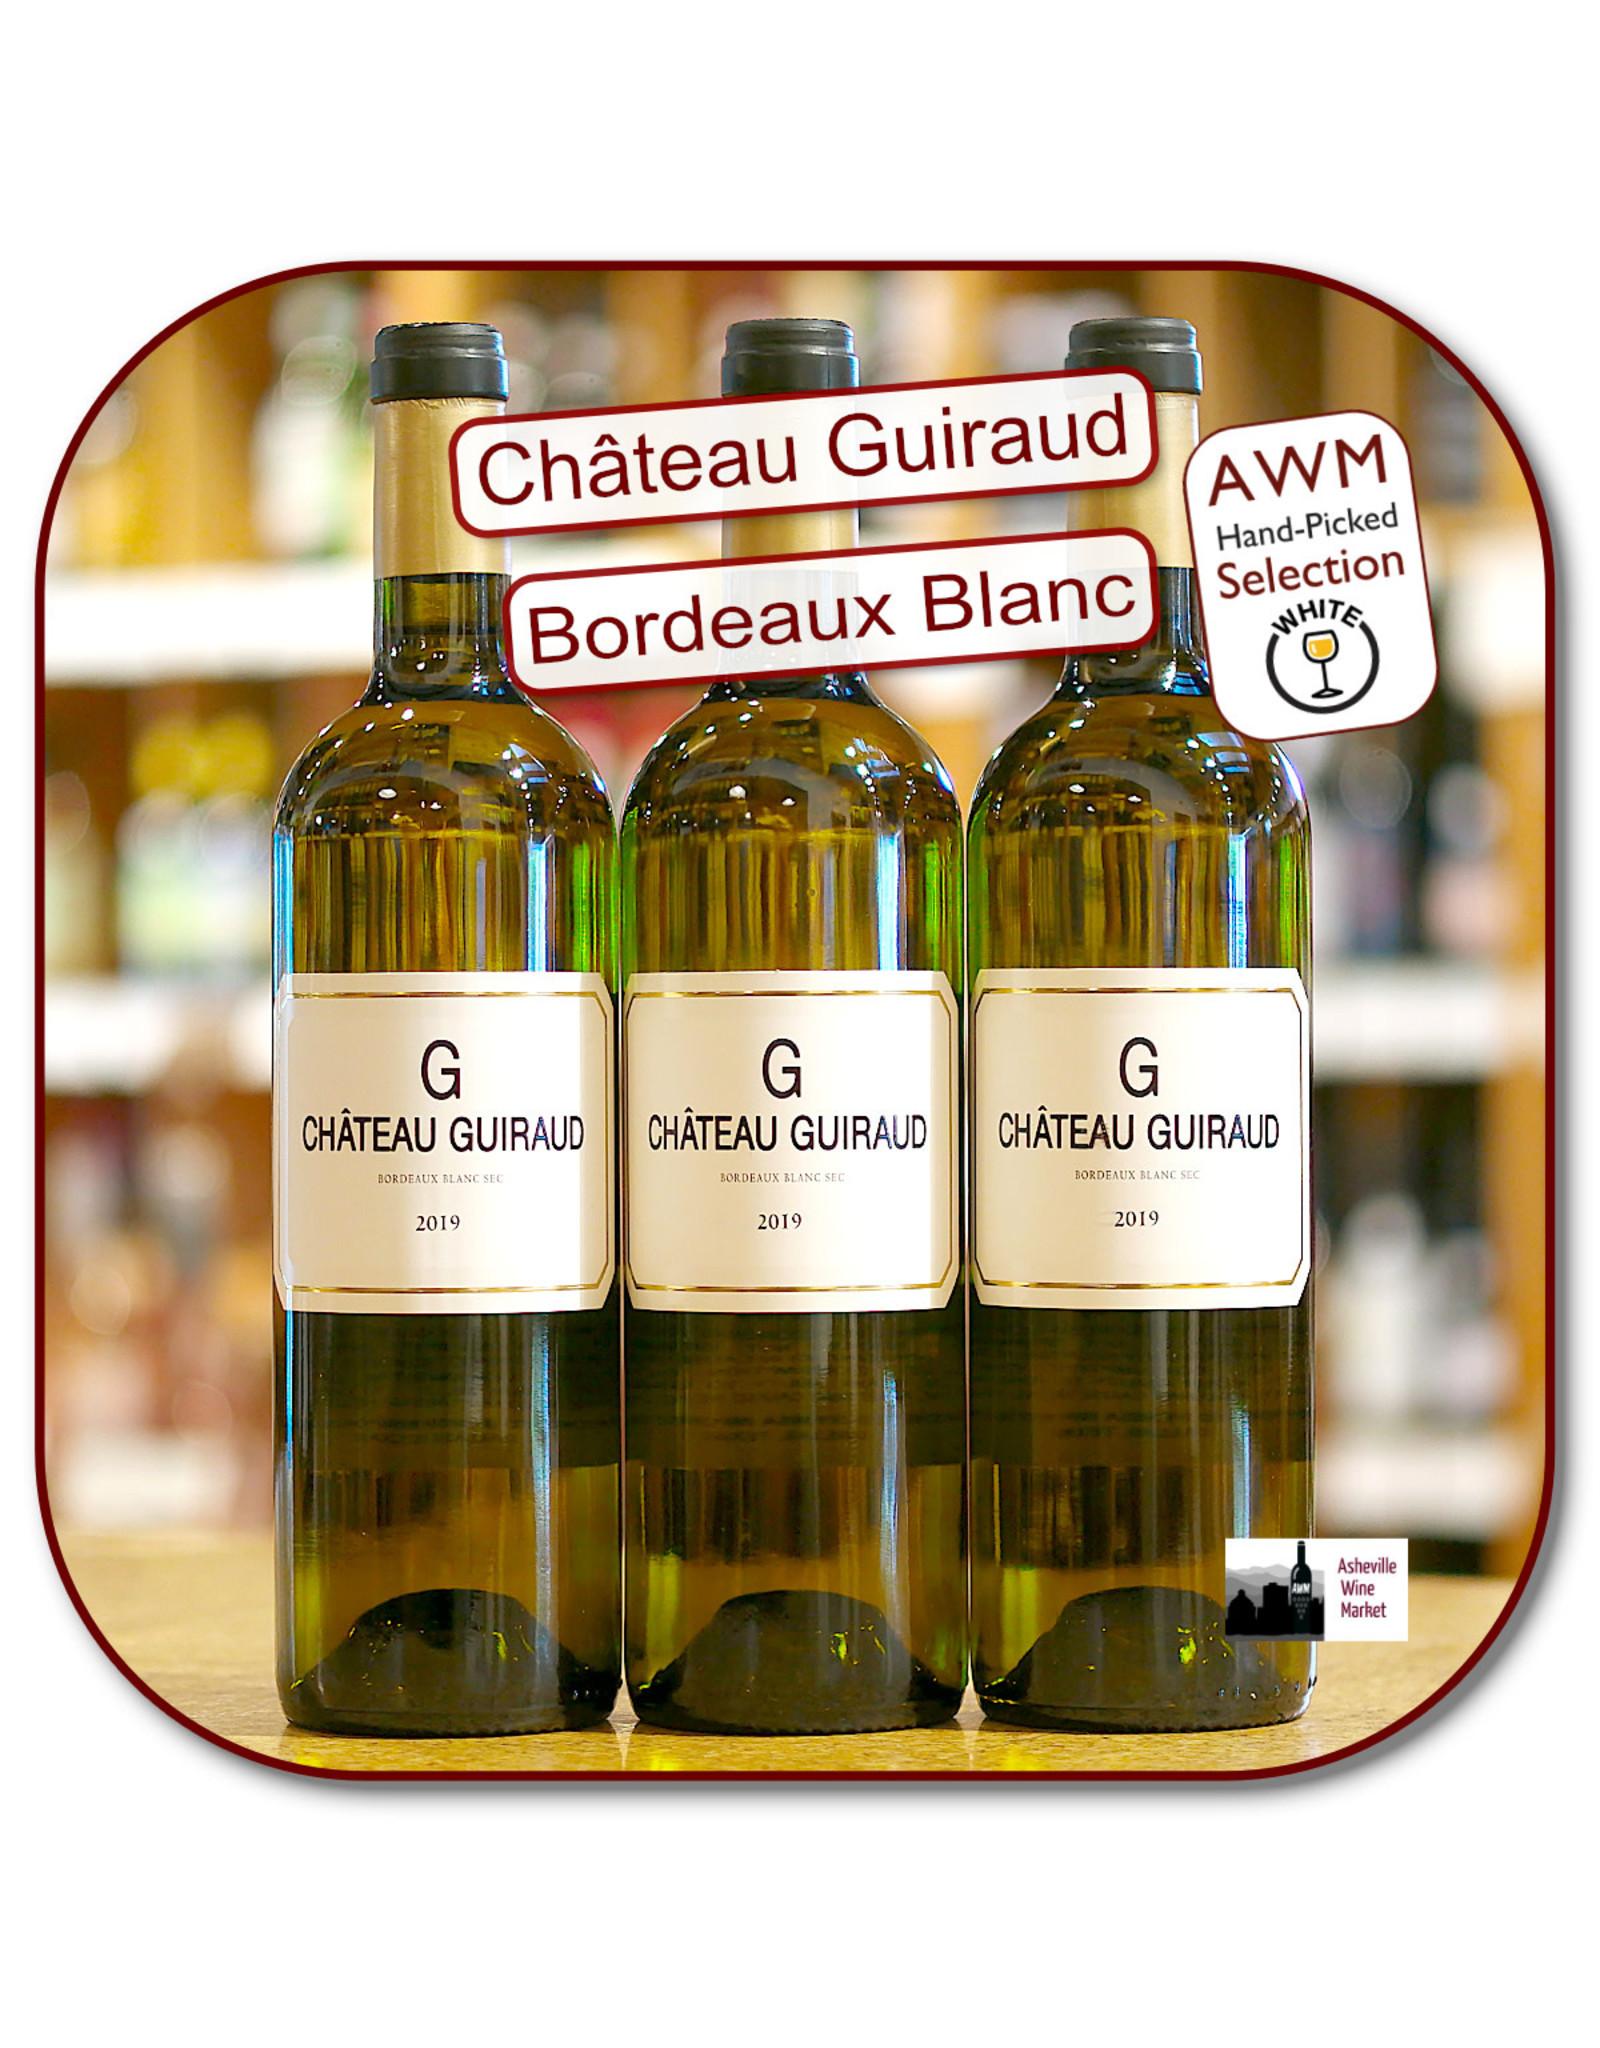 Bordeaux Blend White Chateau Guiraud G Bordeaux Blanc Sec 19